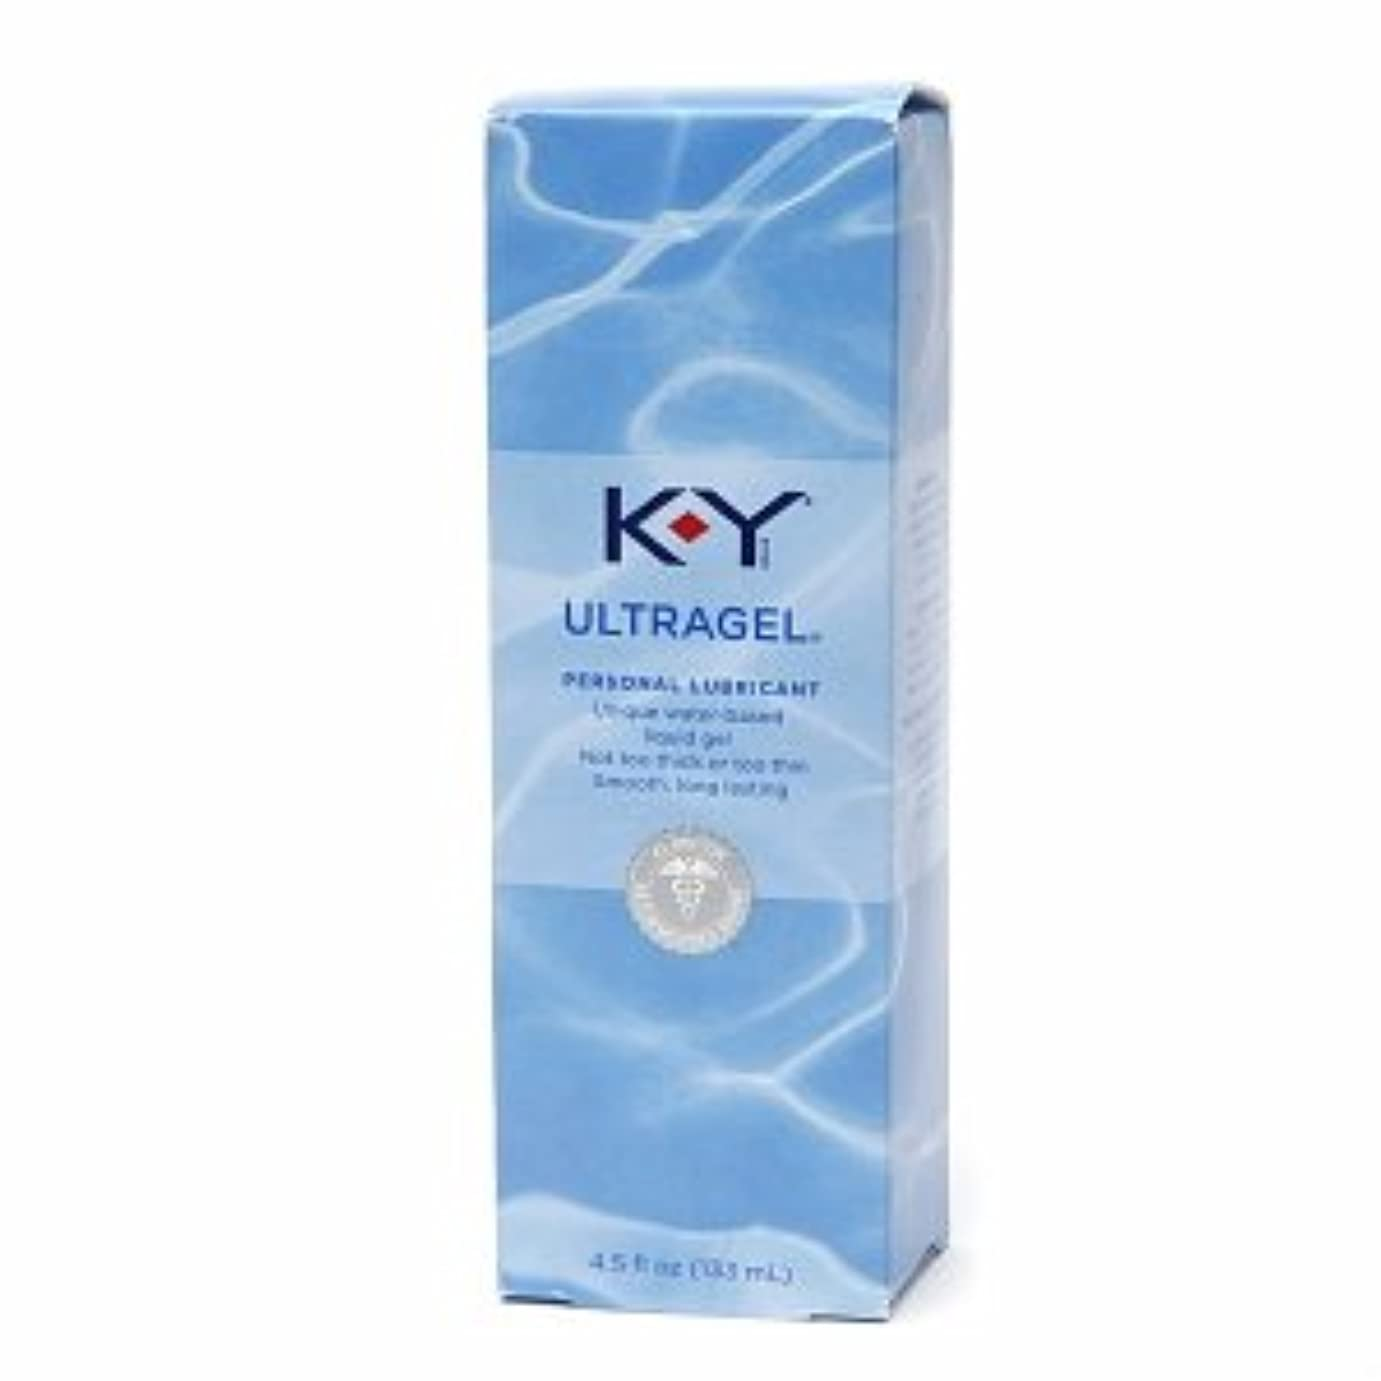 074 不感症で濡れにくい方へ【高級潤滑剤 KYゼリー】 水溶性の潤滑ジェル42g 海外直送品